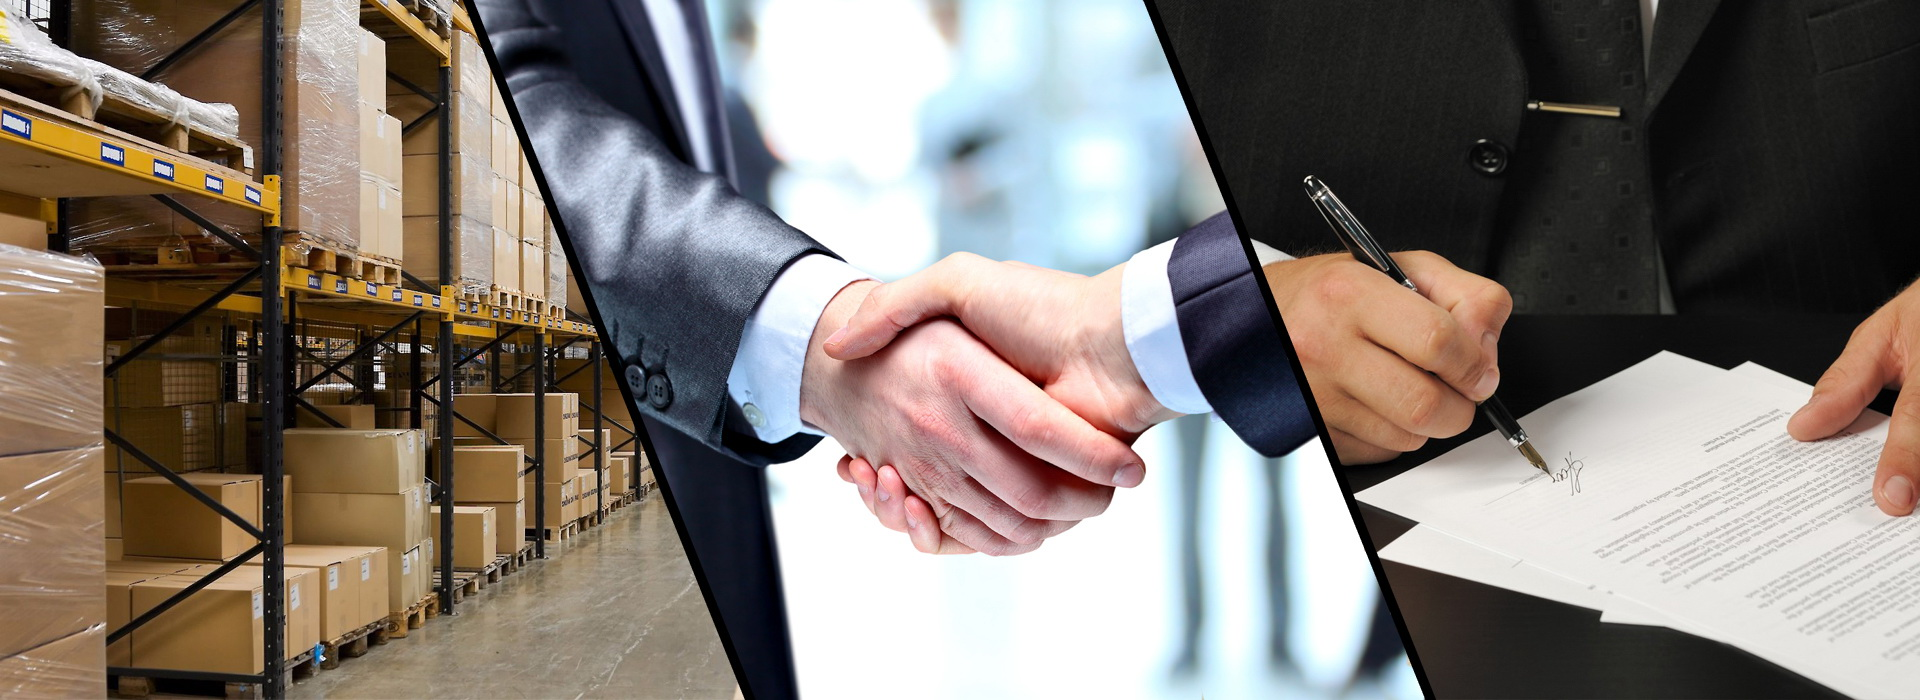 Договор между ооо и индивидуальным предпринимателем